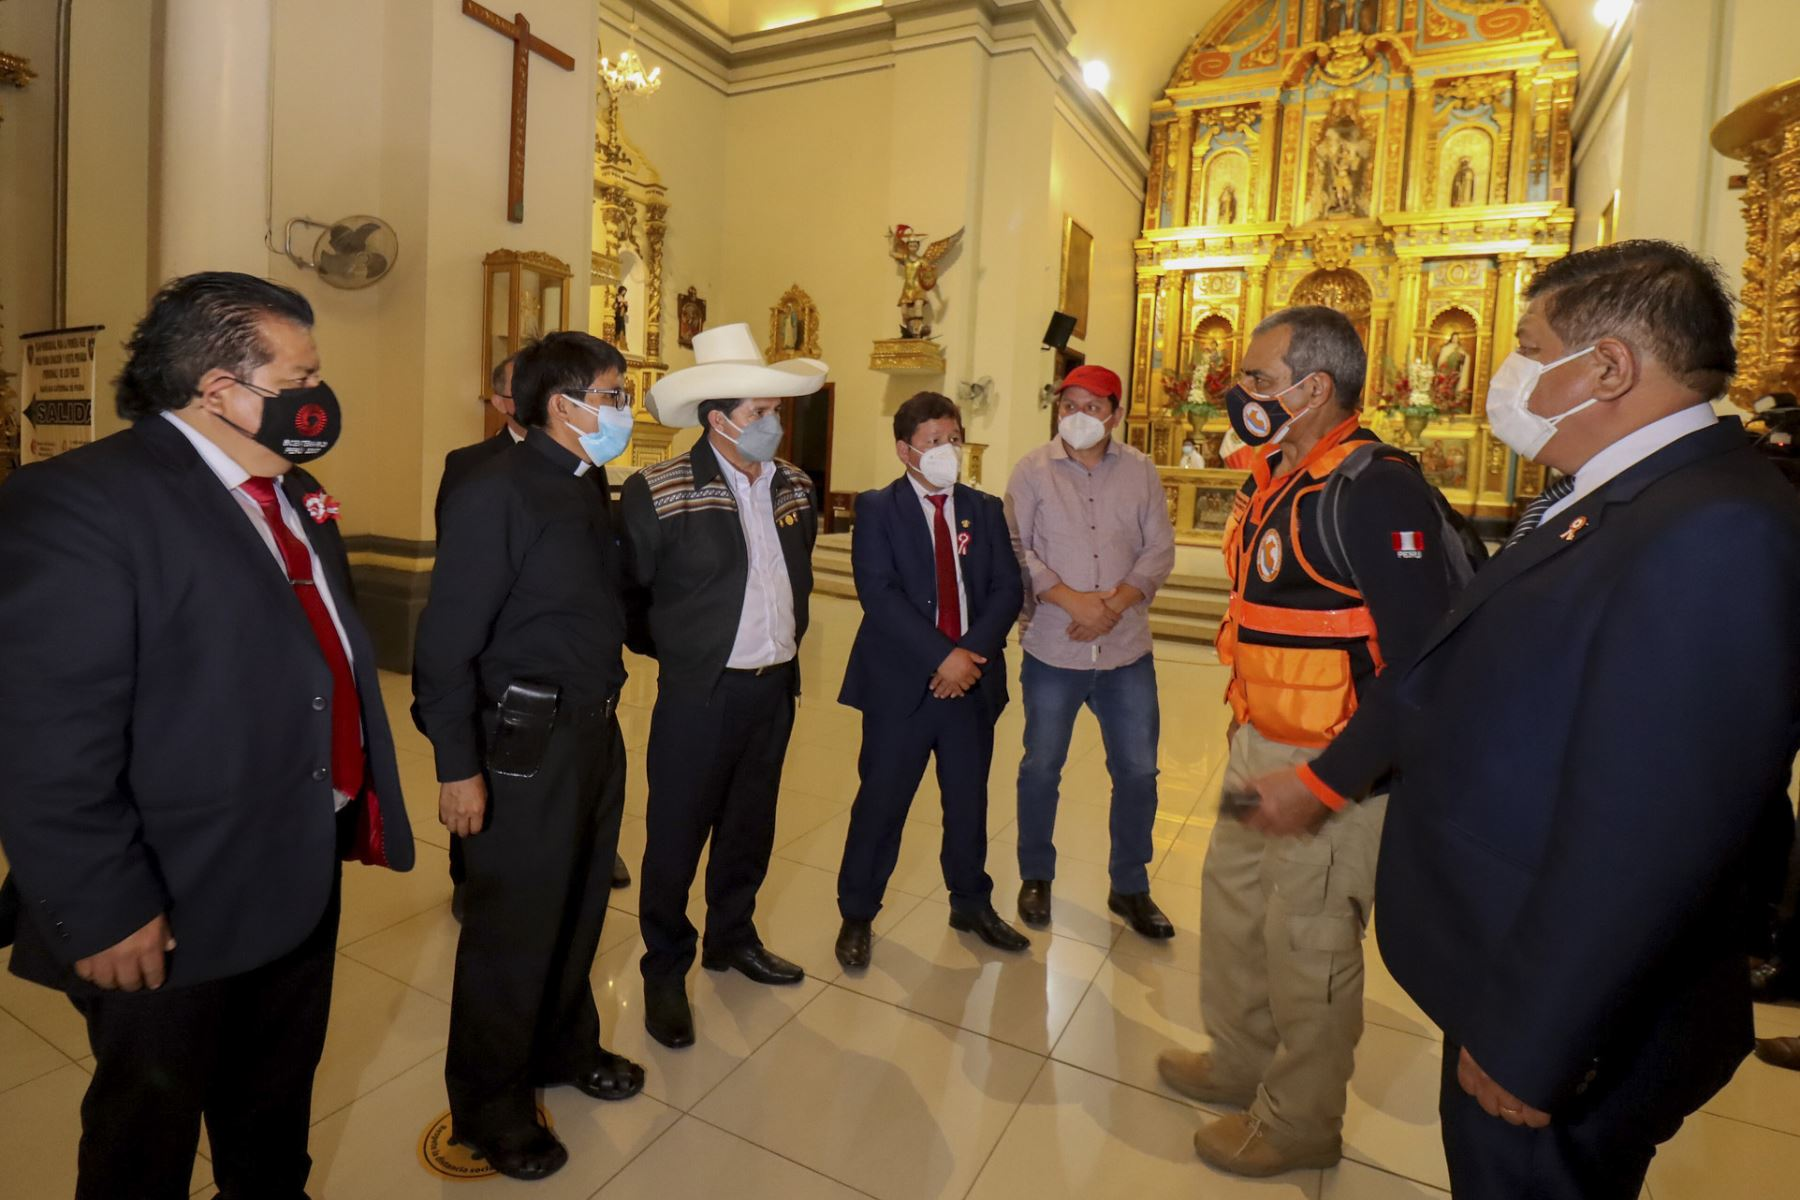 Presidente Pedro Castillo supervisa situación en Piura tras sismo de 6,1 grados. Foto: Presidencia